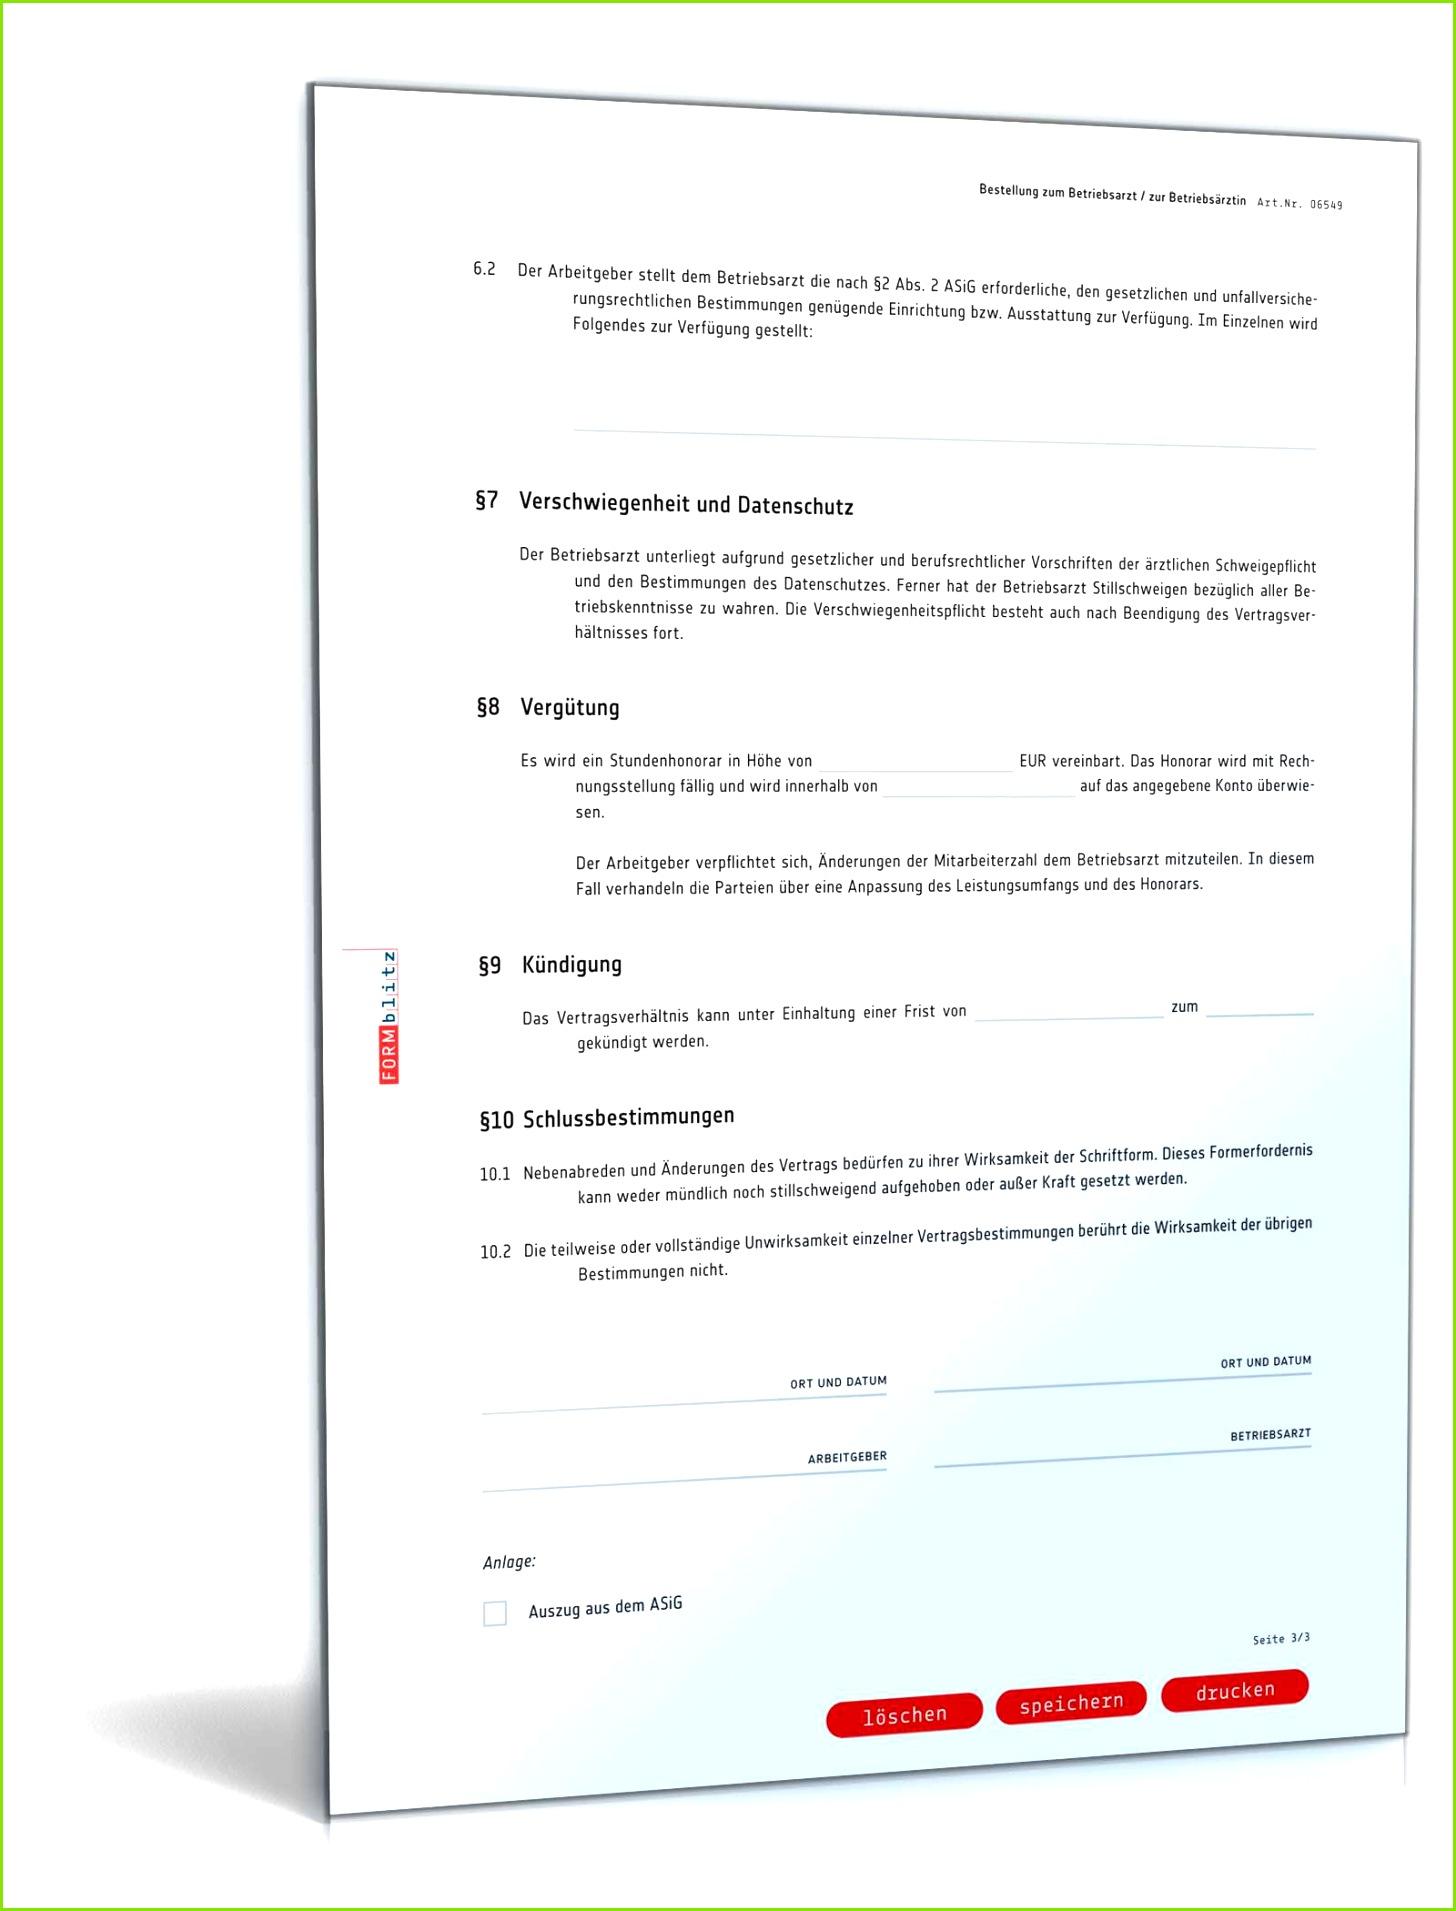 Wunderbar Bestellungsvorlage Ideen Entry Level Resume Vorlagen Sammlung potencialisfo